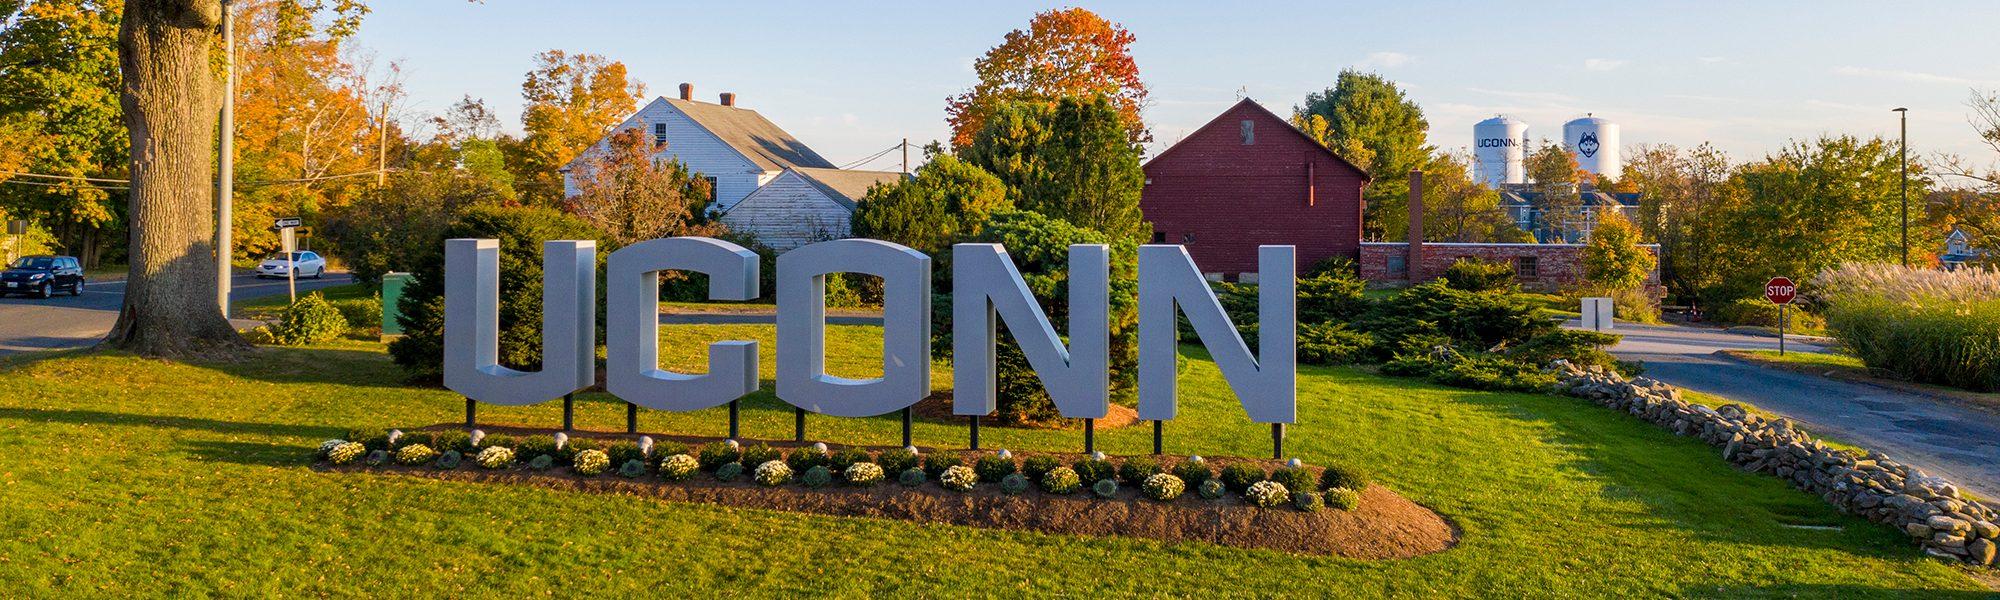 UConn entry sign at UConn Storrs CT